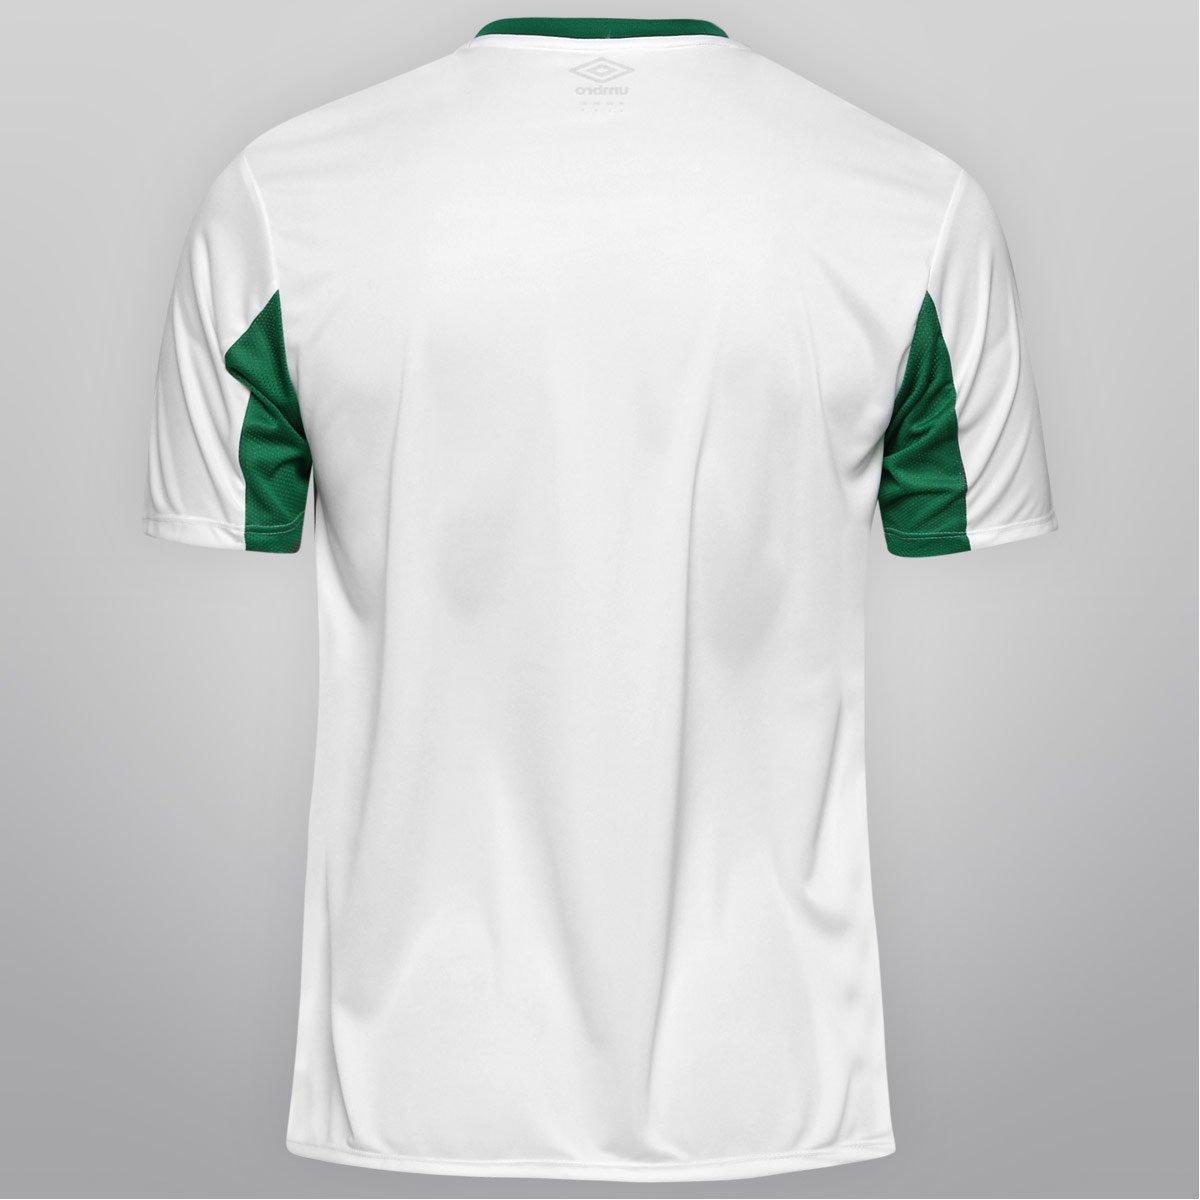 Camisa Umbro Core  Camisa Umbro Core f945ac7659d97